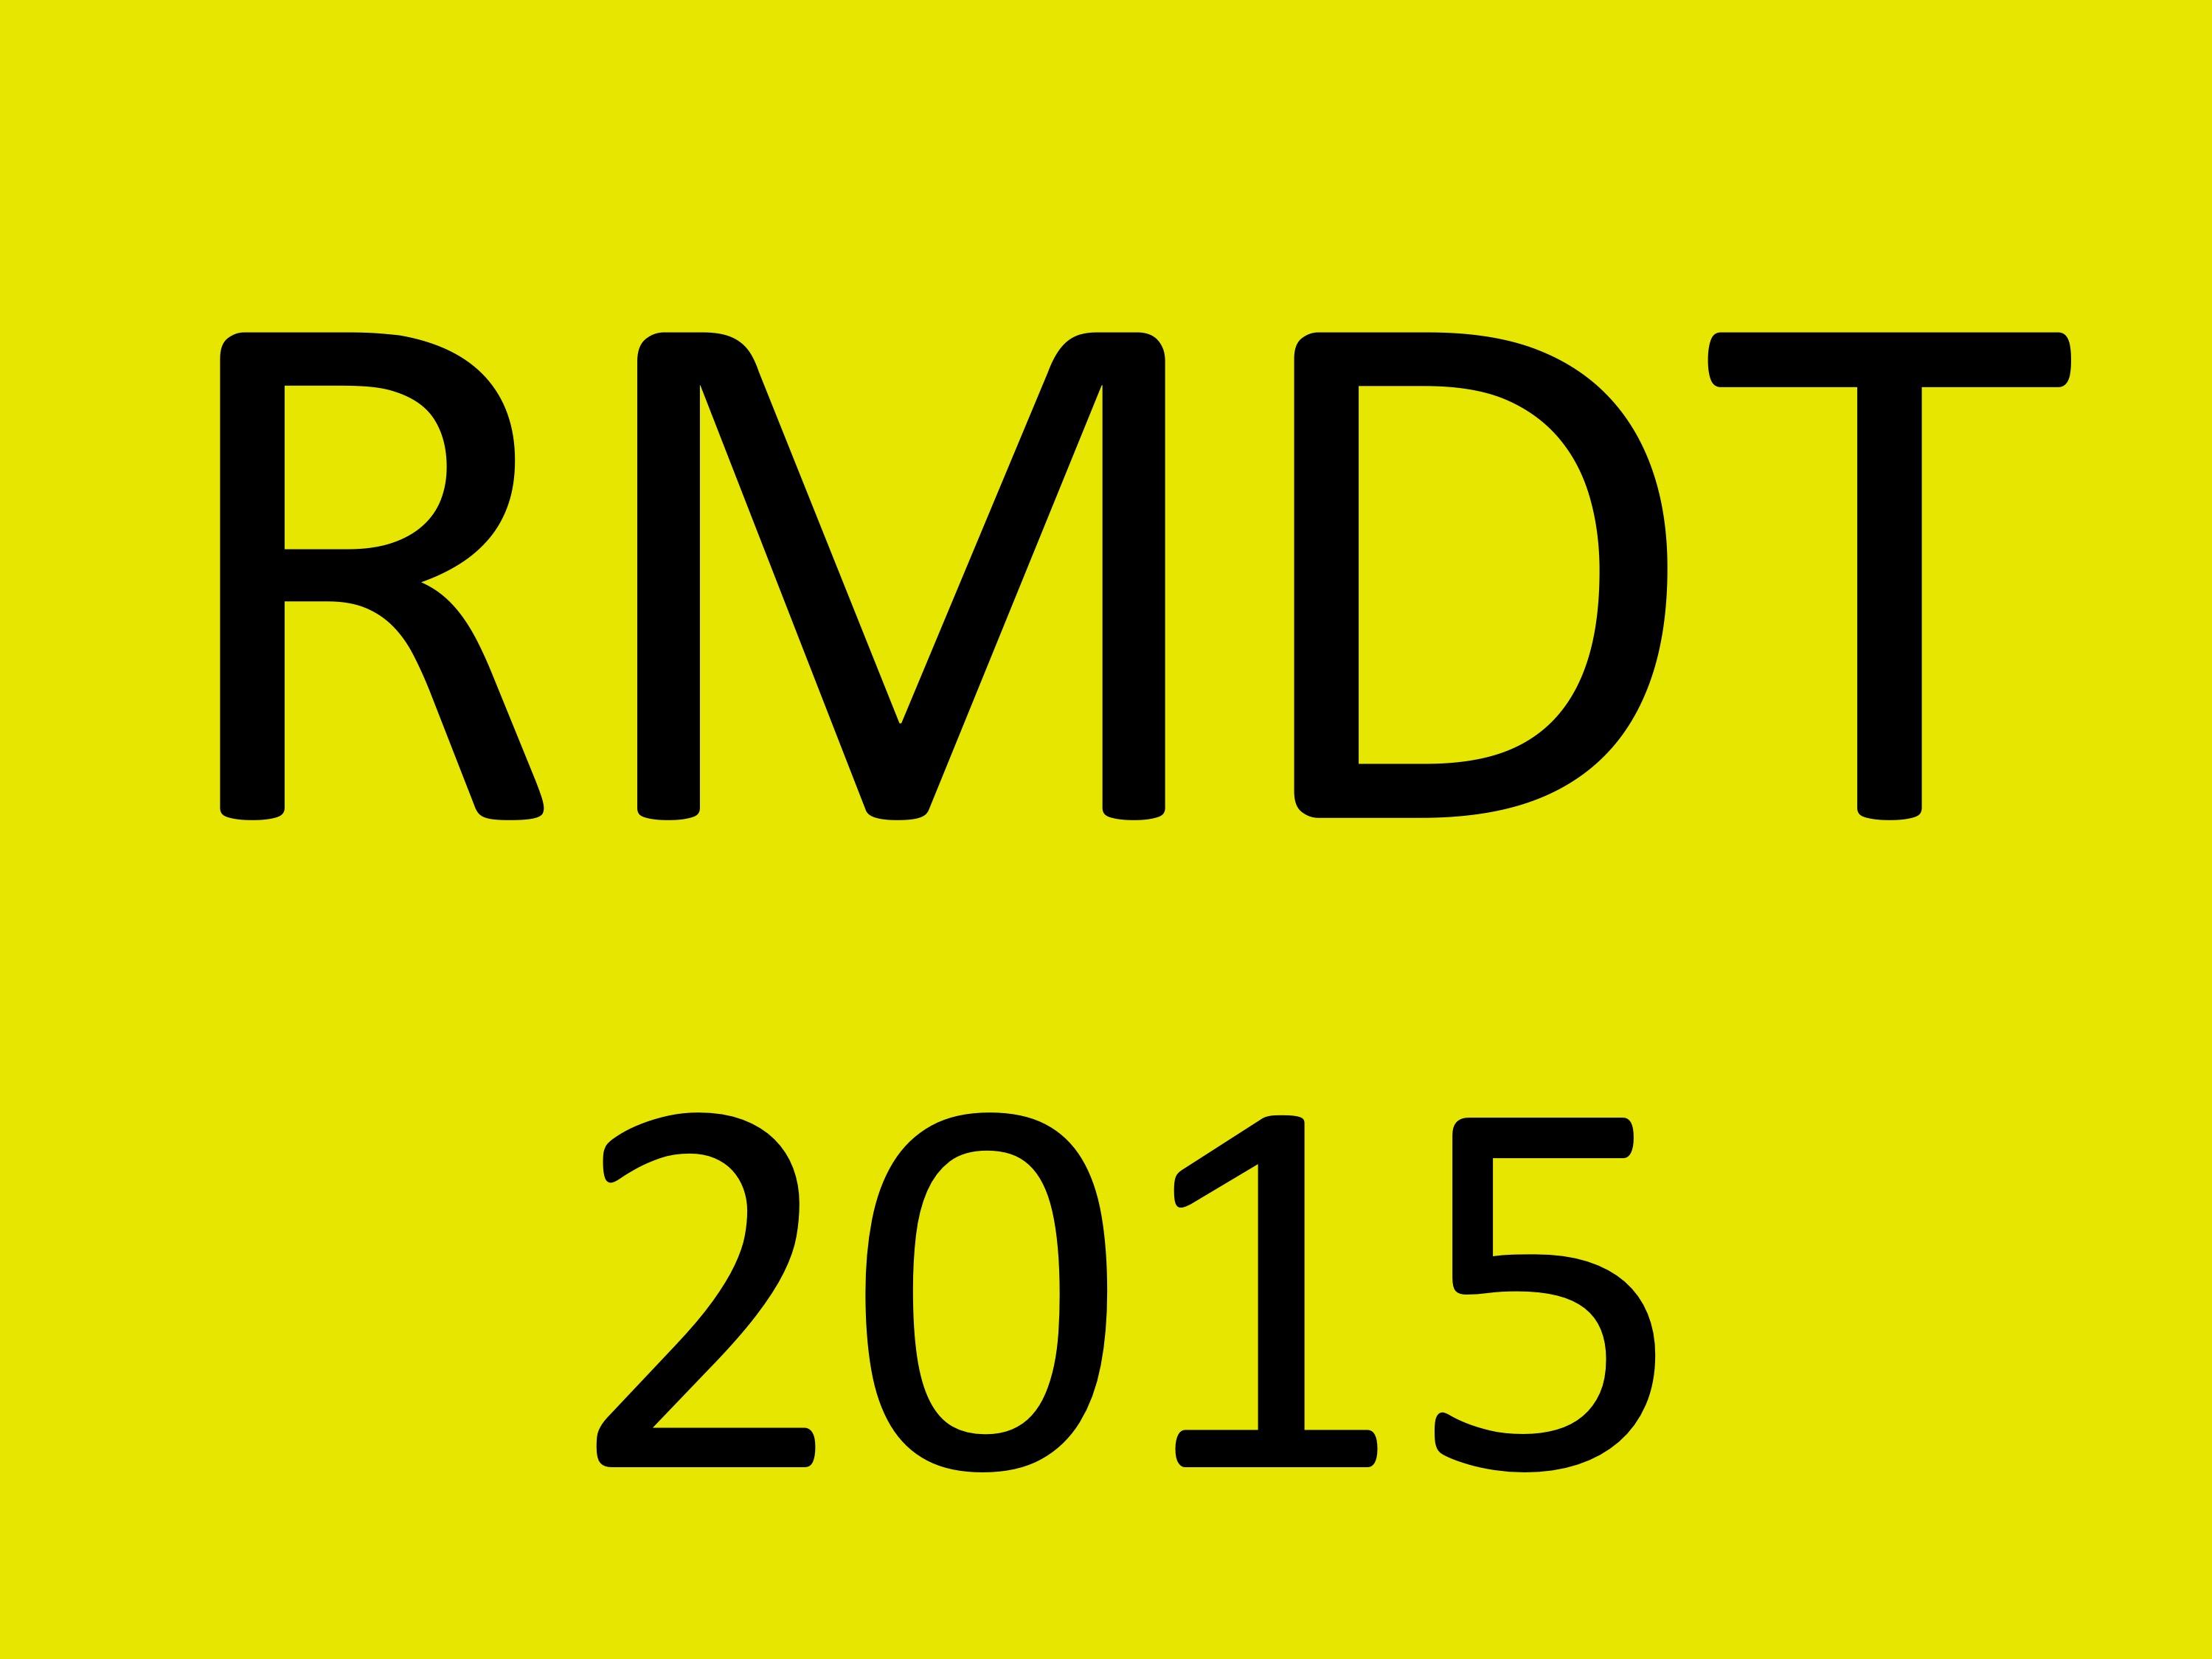 Registro Dialisi e Trapianto della Regione Marche - Report 2015